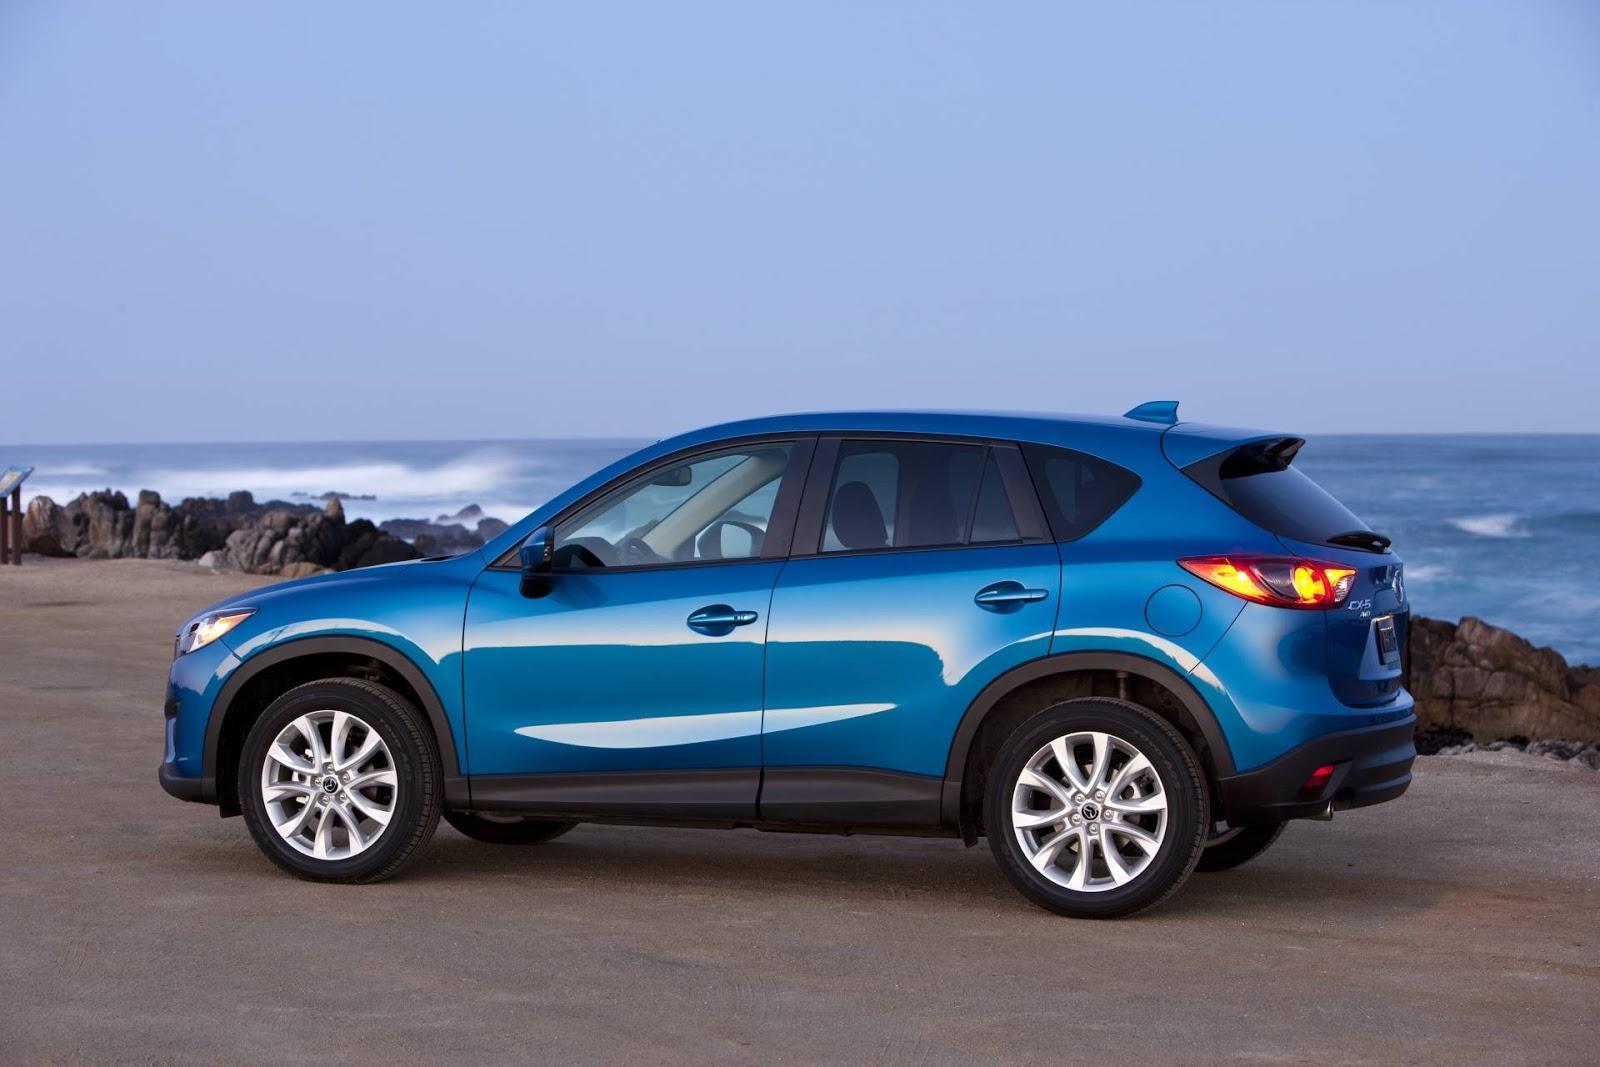 http://1.bp.blogspot.com/-sJUT7Cx1QFM/UJnxfE_JgKI/AAAAAAAAA-Y/oBTqrZte3EU/s1600/Mazda-CX-5-SUV-2013+(5).jpg